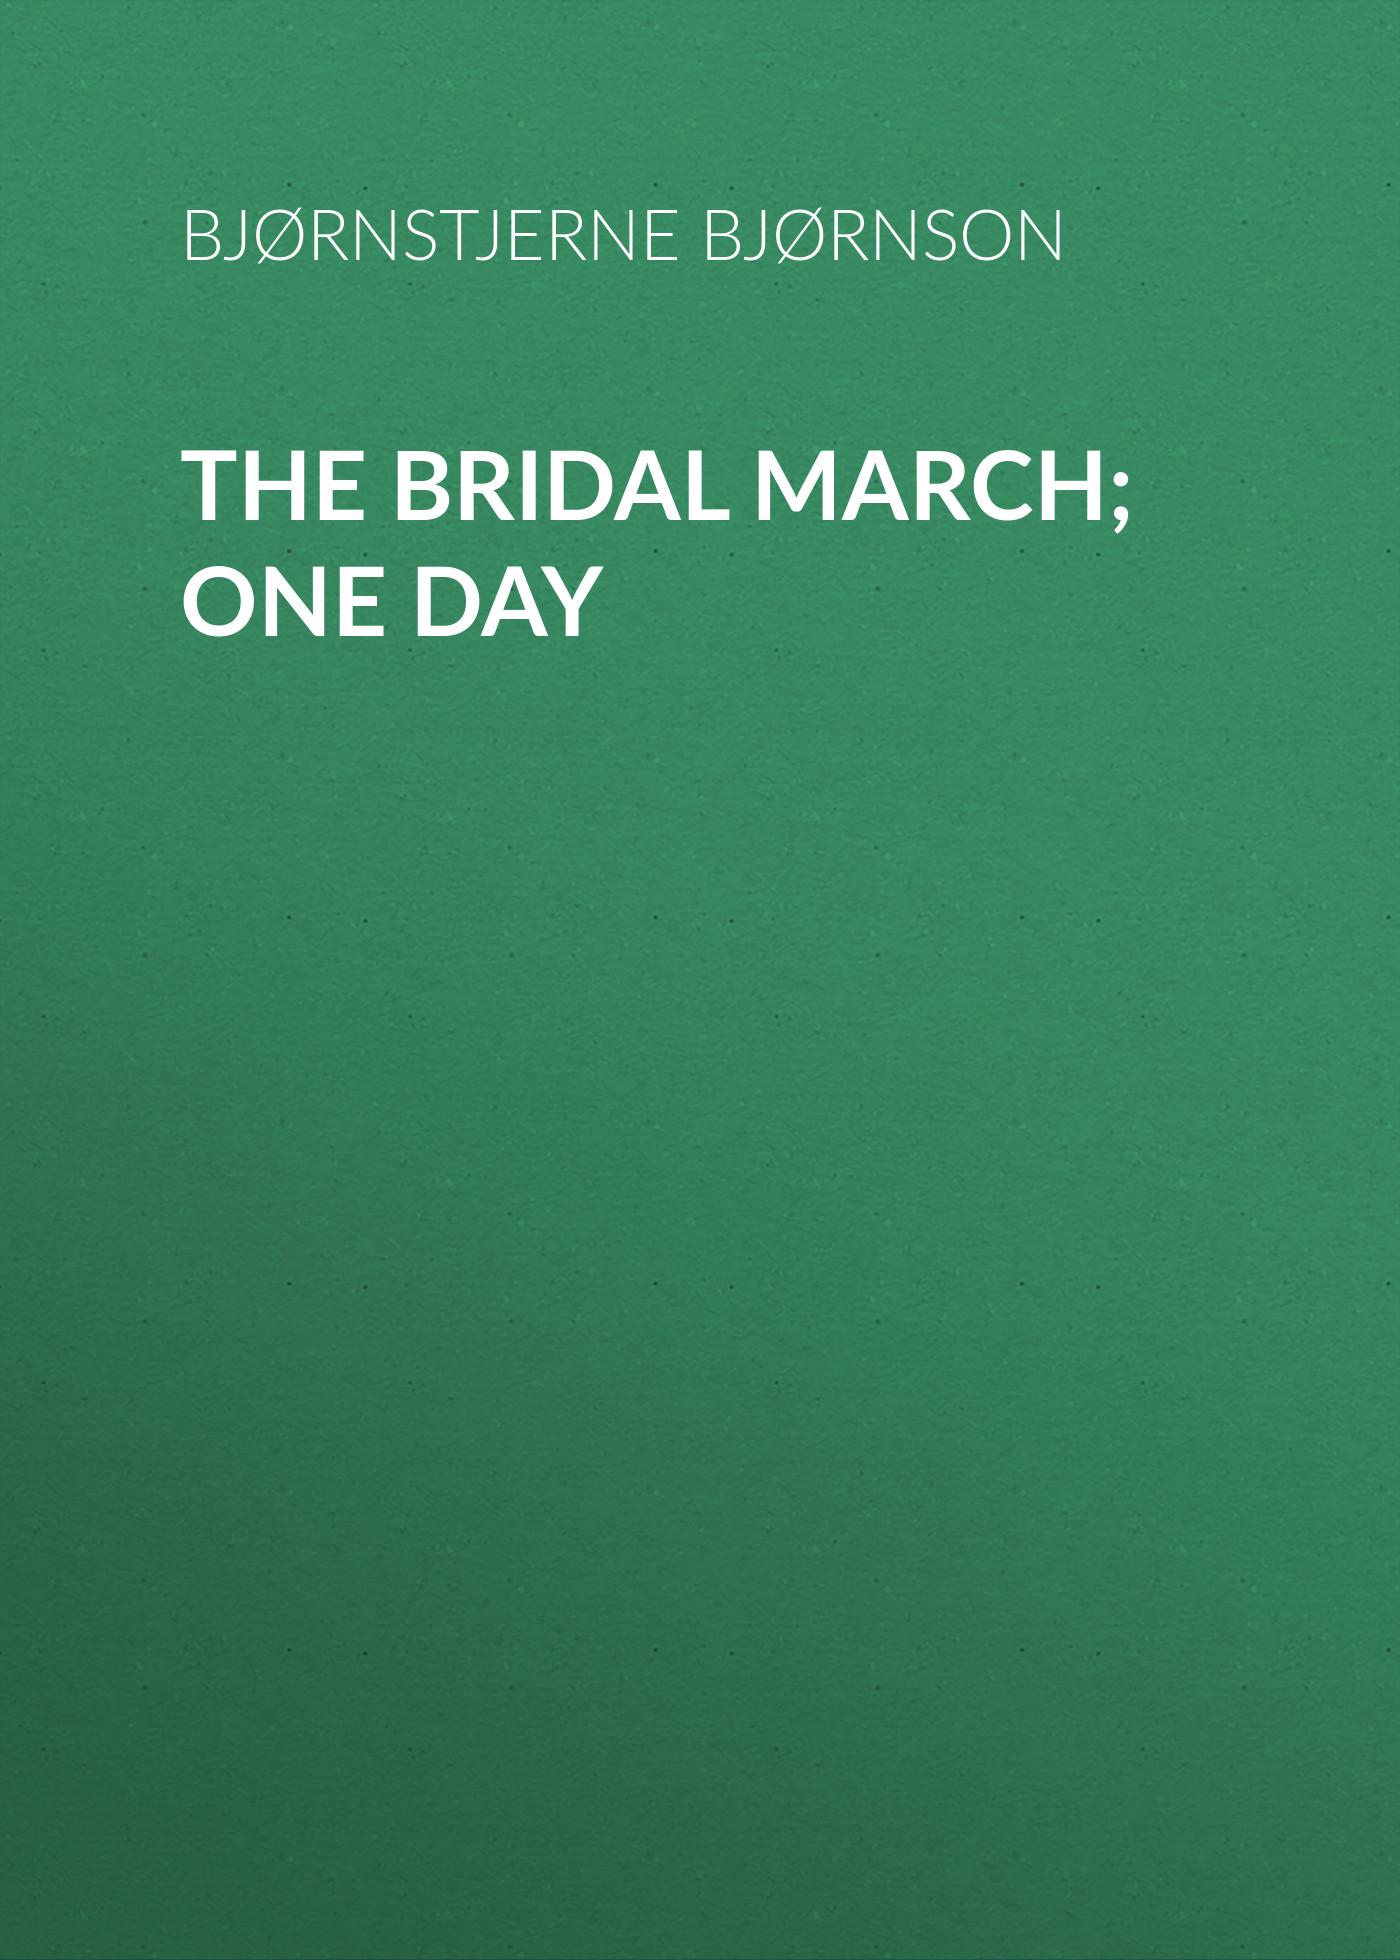 Bjørnstjerne Bjørnson The Bridal March; One Day кольца one day art 101412 o